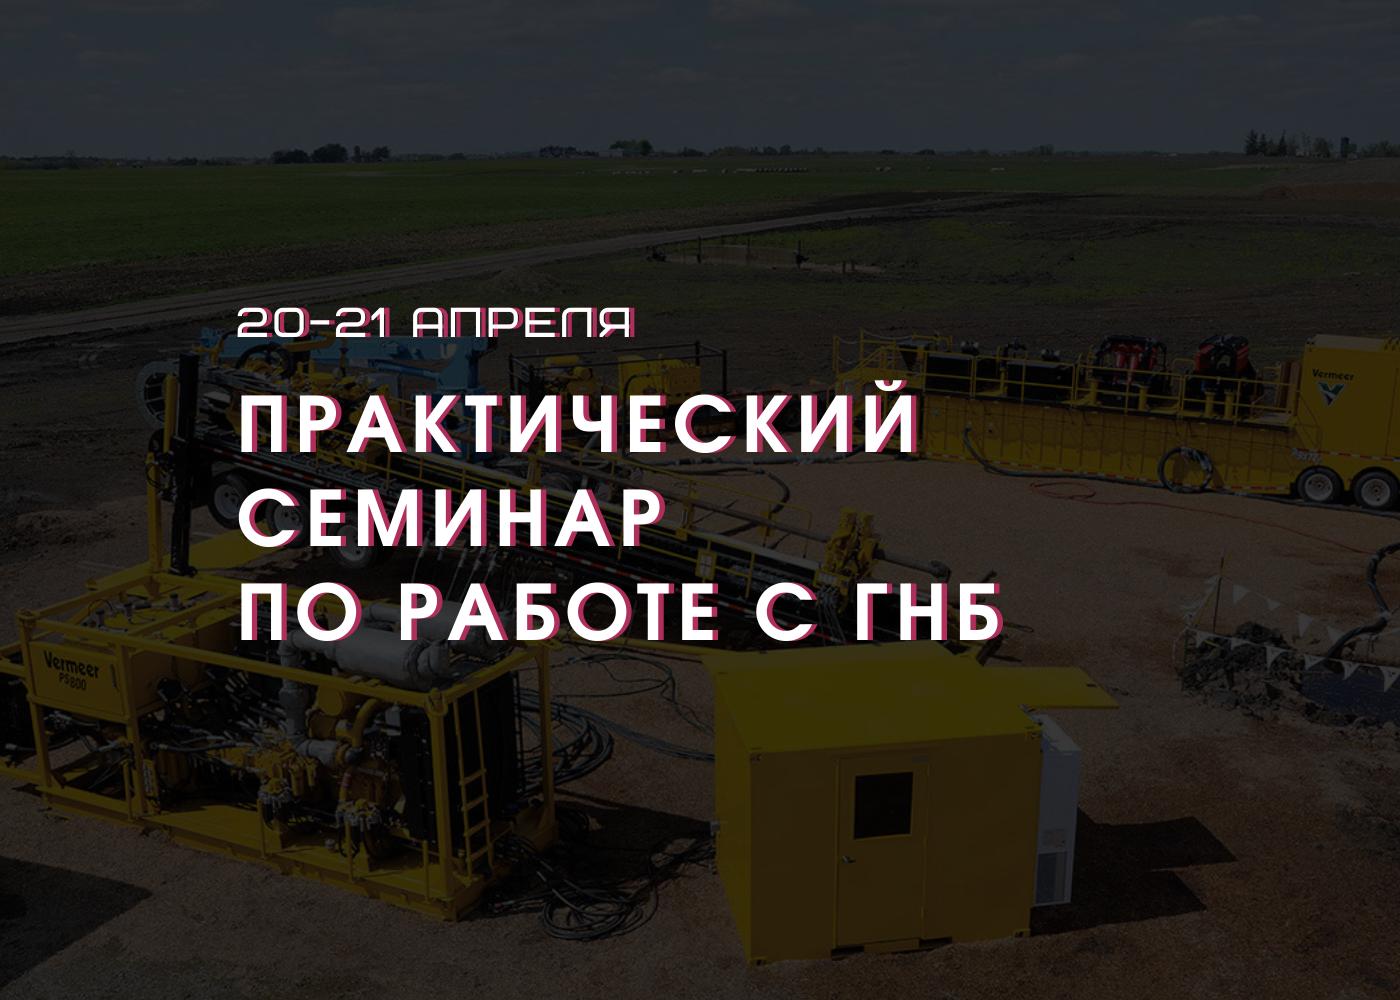 Практический семинар по демонстрации ГНБ в реальных условиях пройдет в городе Волгодонск 20-21 апреля